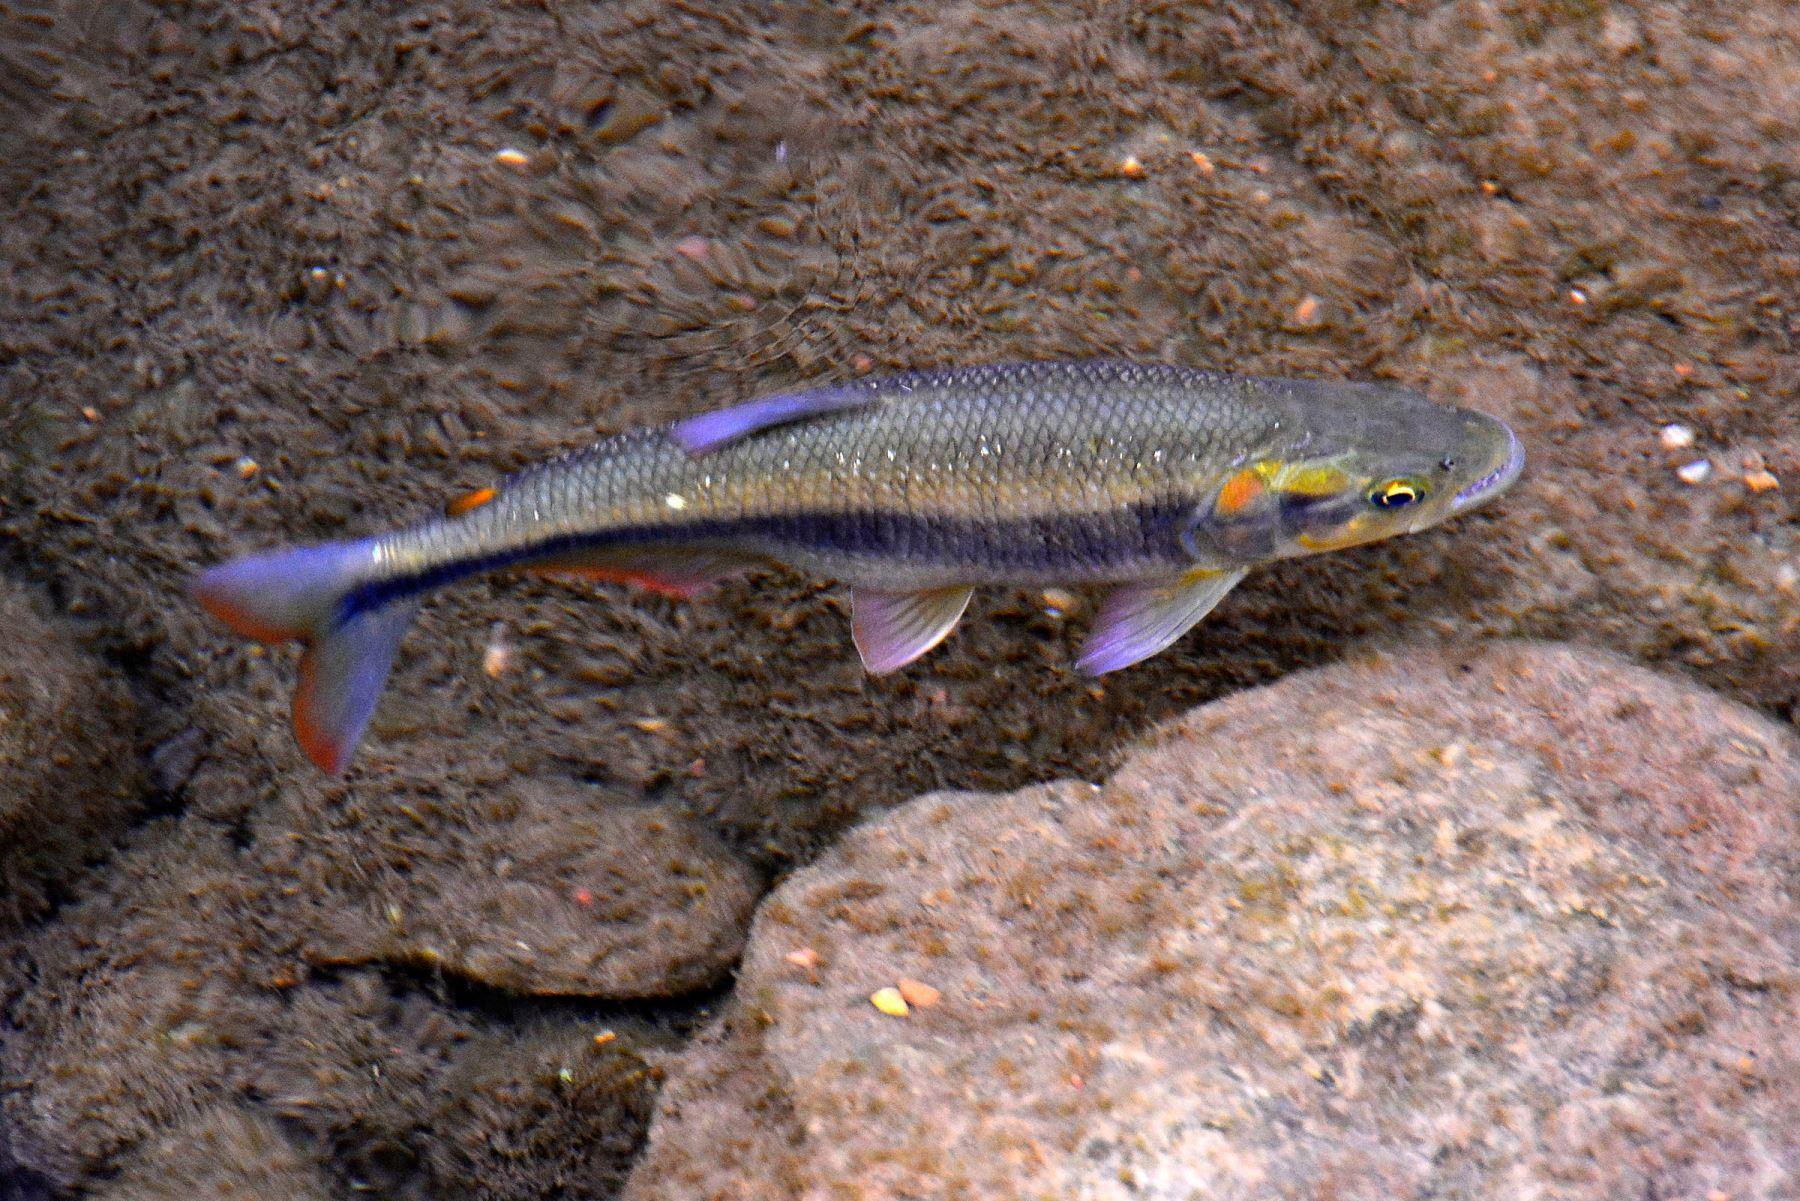 Cascafe (Brycon atrocaudatus). Es la más abundante de las cinco especies de peces registradas en Chaparrí. Habita en las escasas fuentes de agua de la reserva. Foto: Heinz Plenge